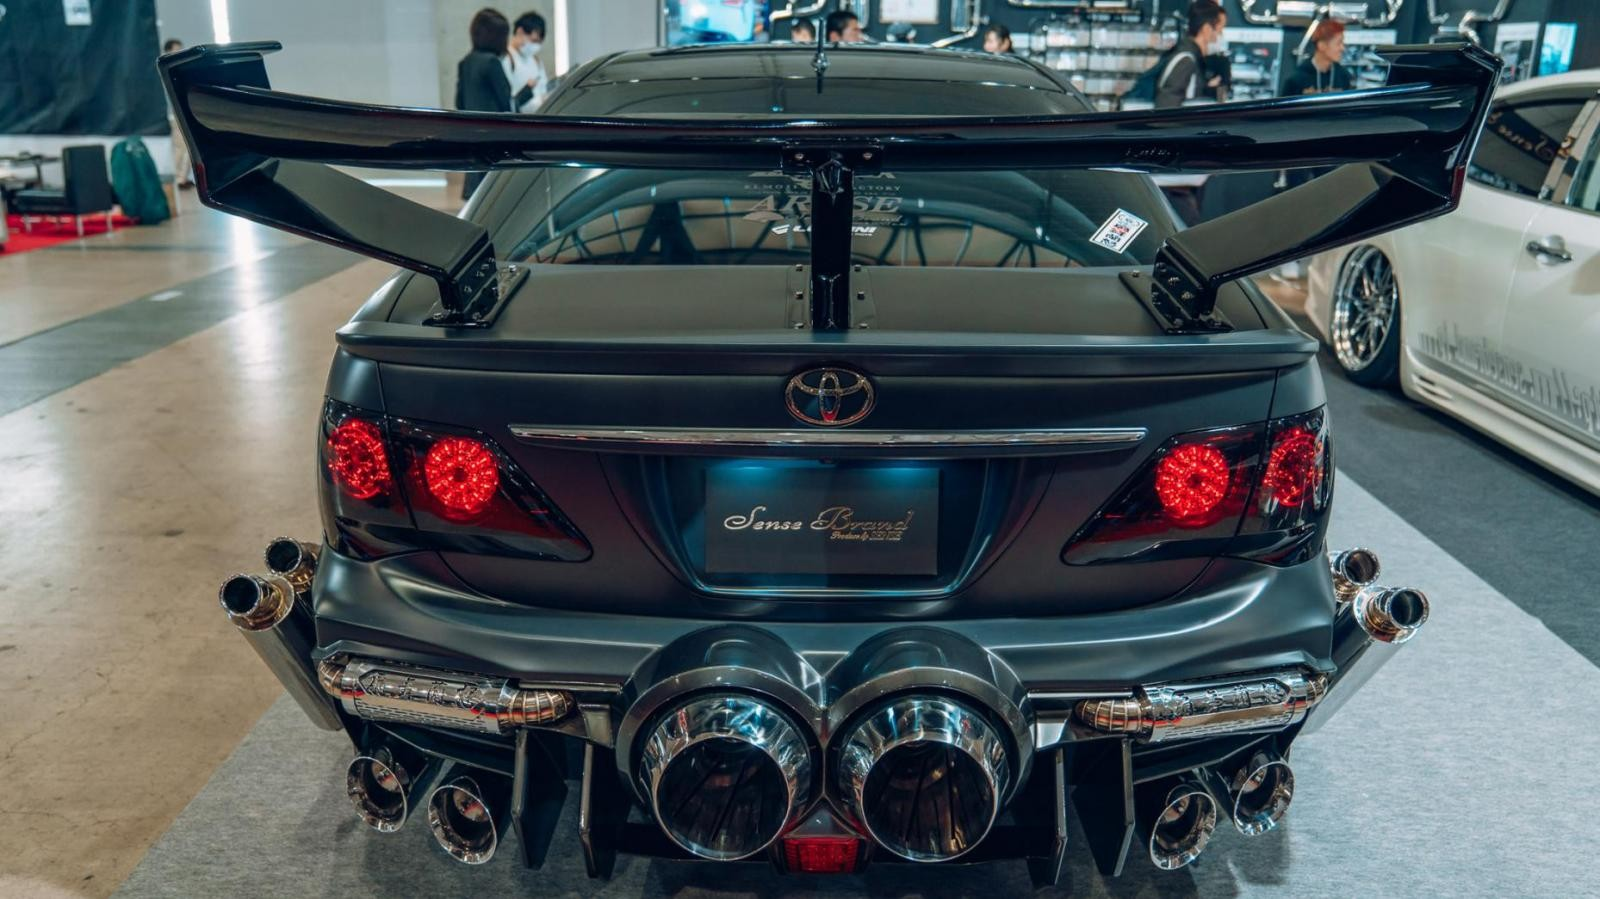 Rớt hàm trước những chiếc xế độ điên rồ nhất Tokyo Auto Salon 2020 - 5